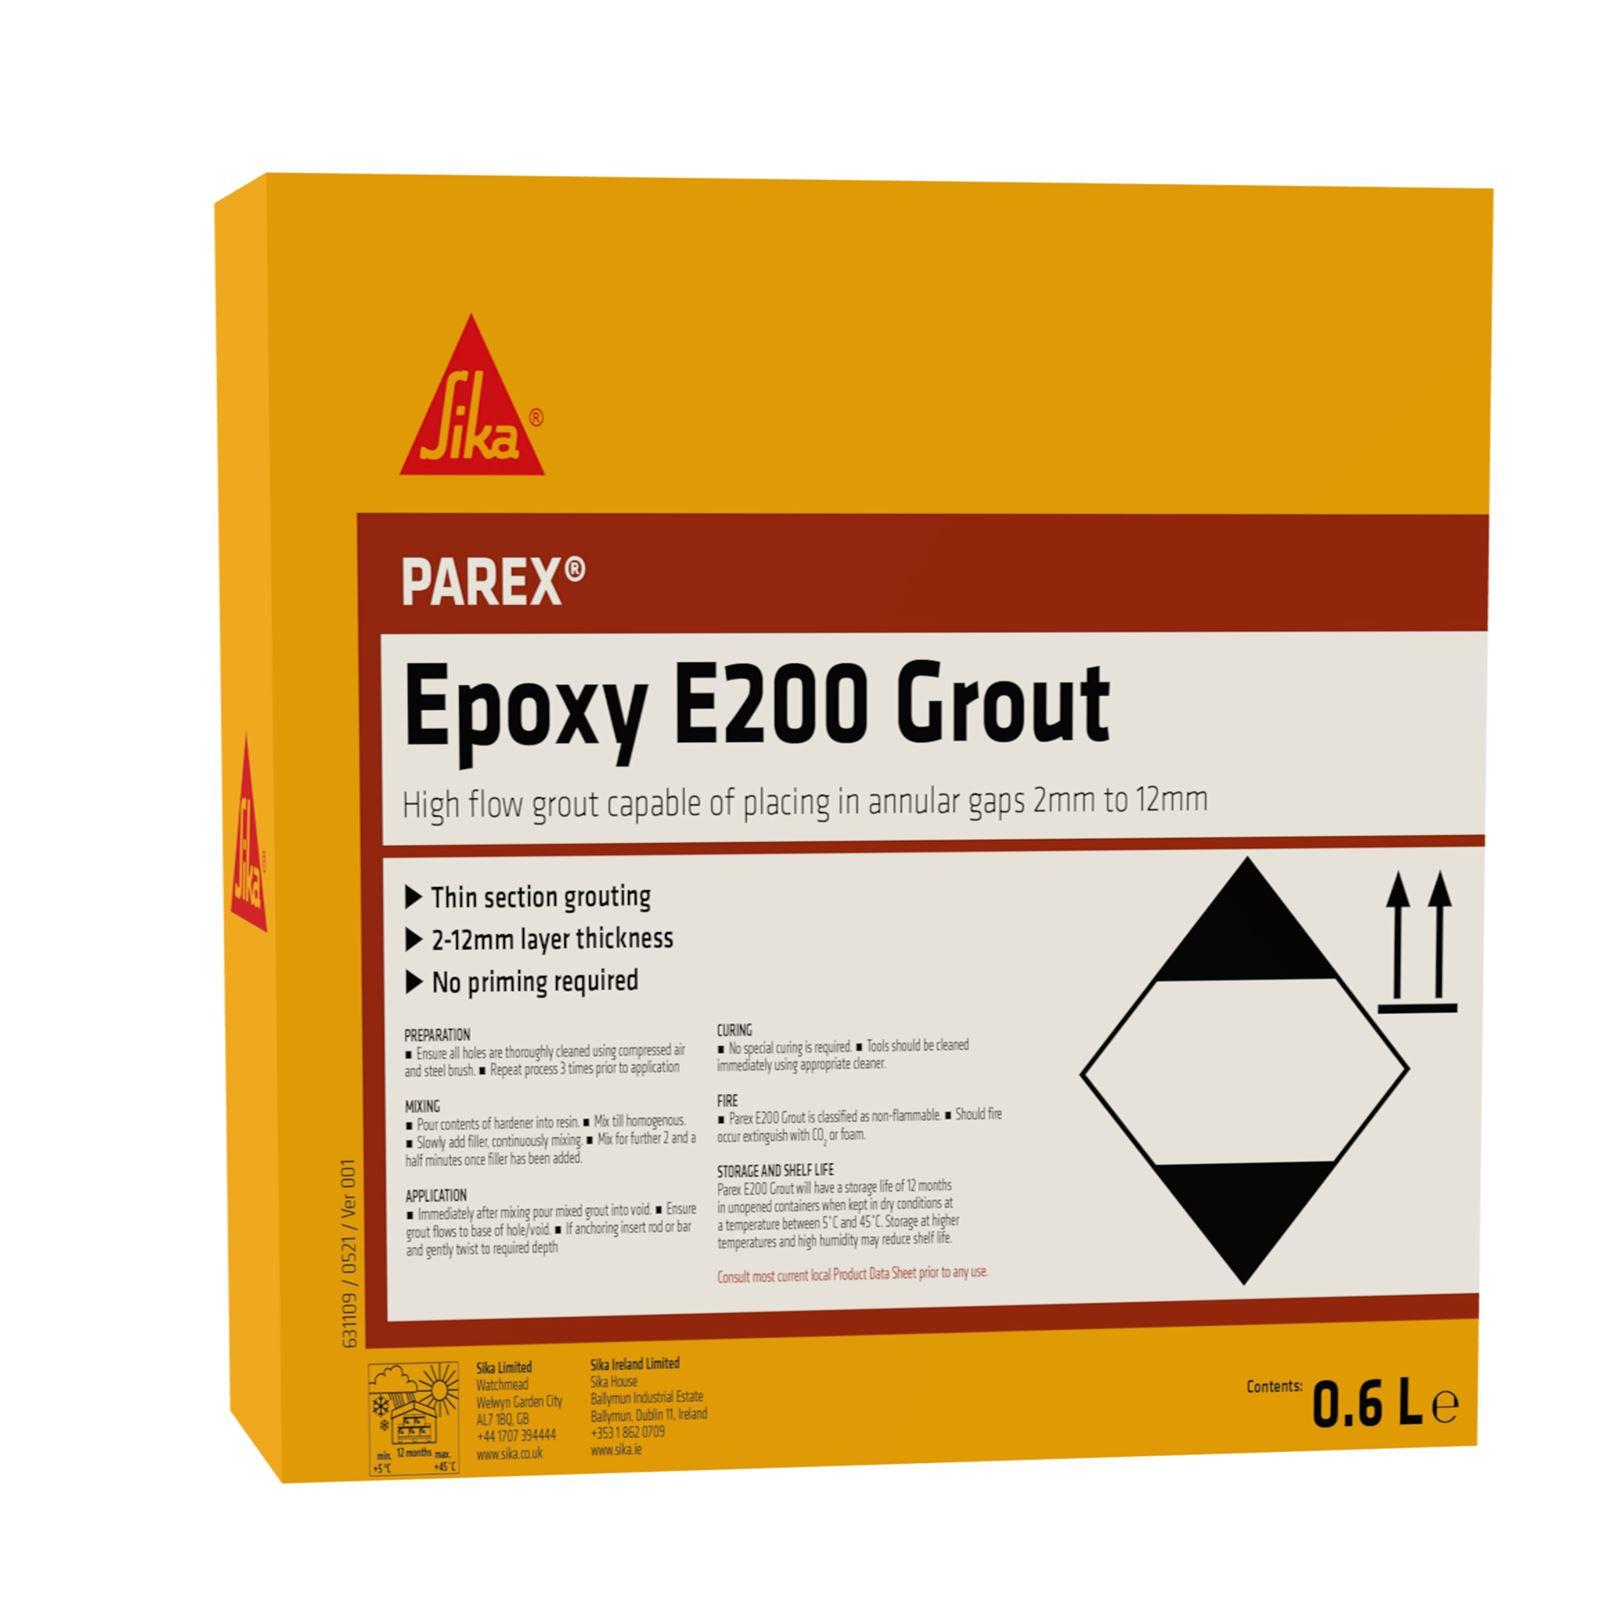 Parex Epoxy 200 Grout